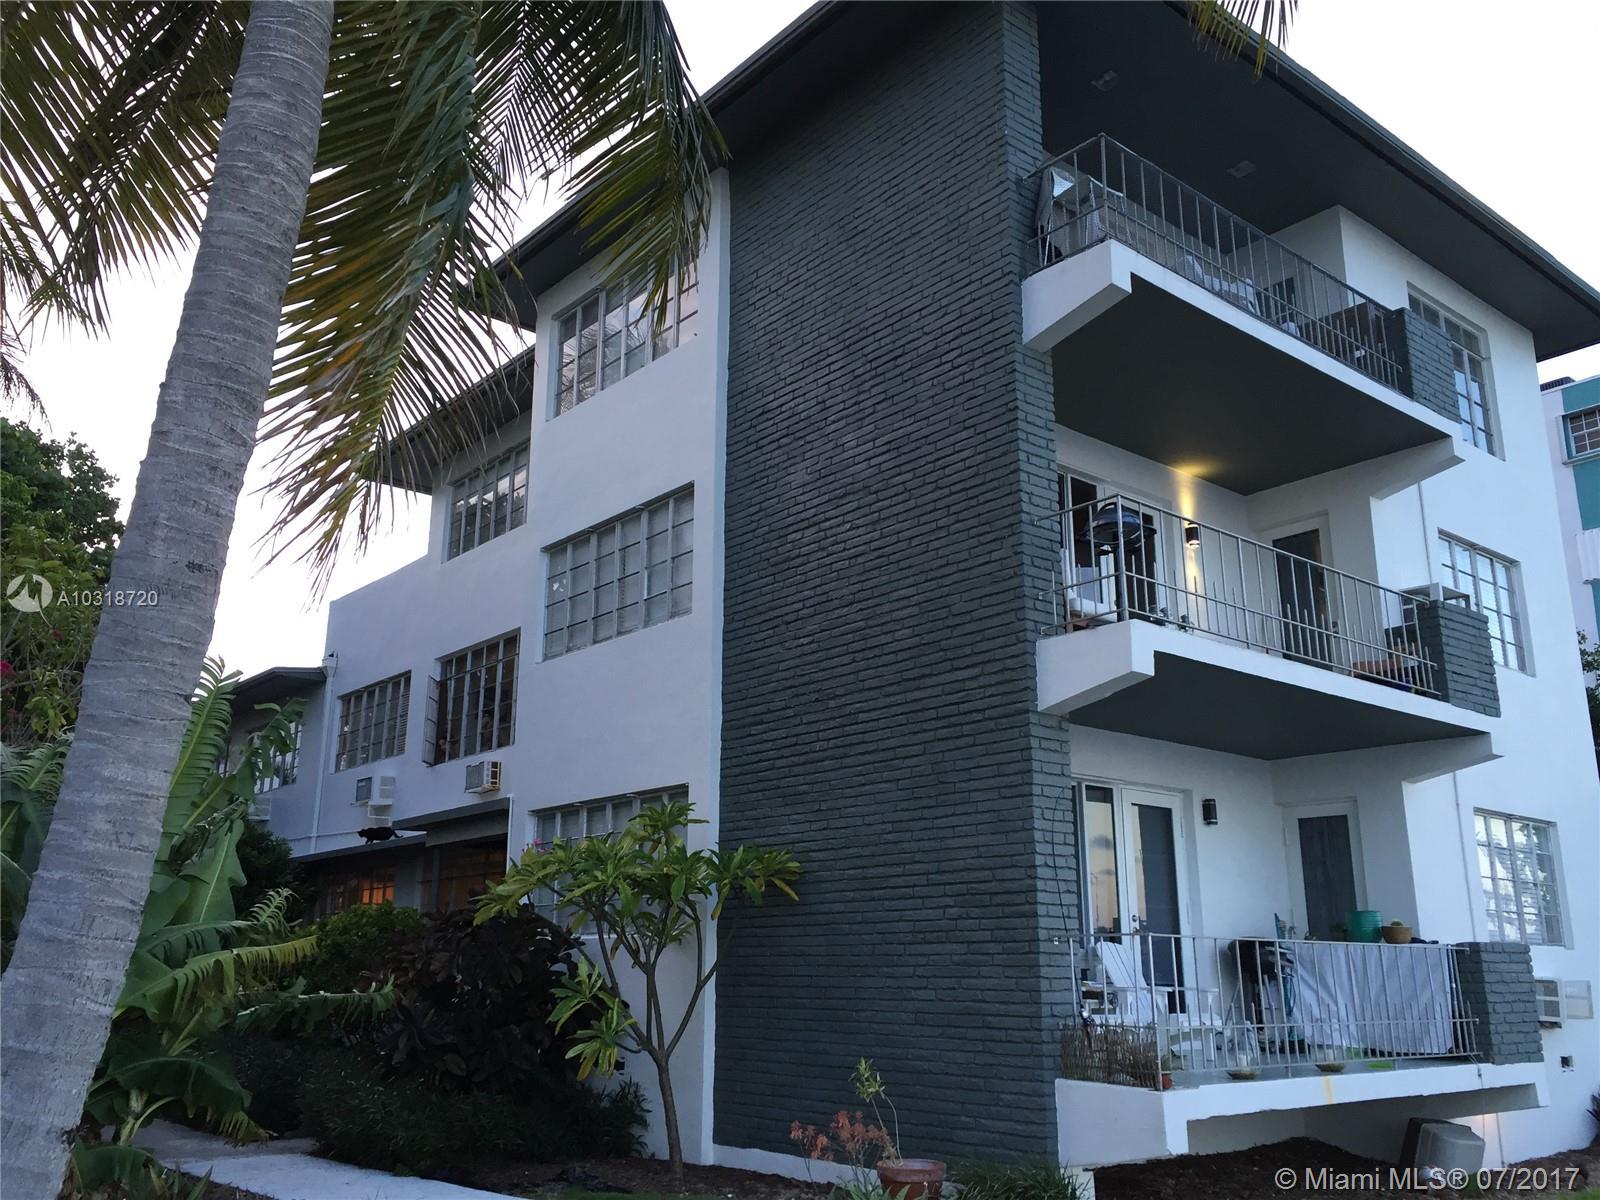 7805 NE Bayshore Ct # 3, Miami, FL 33138